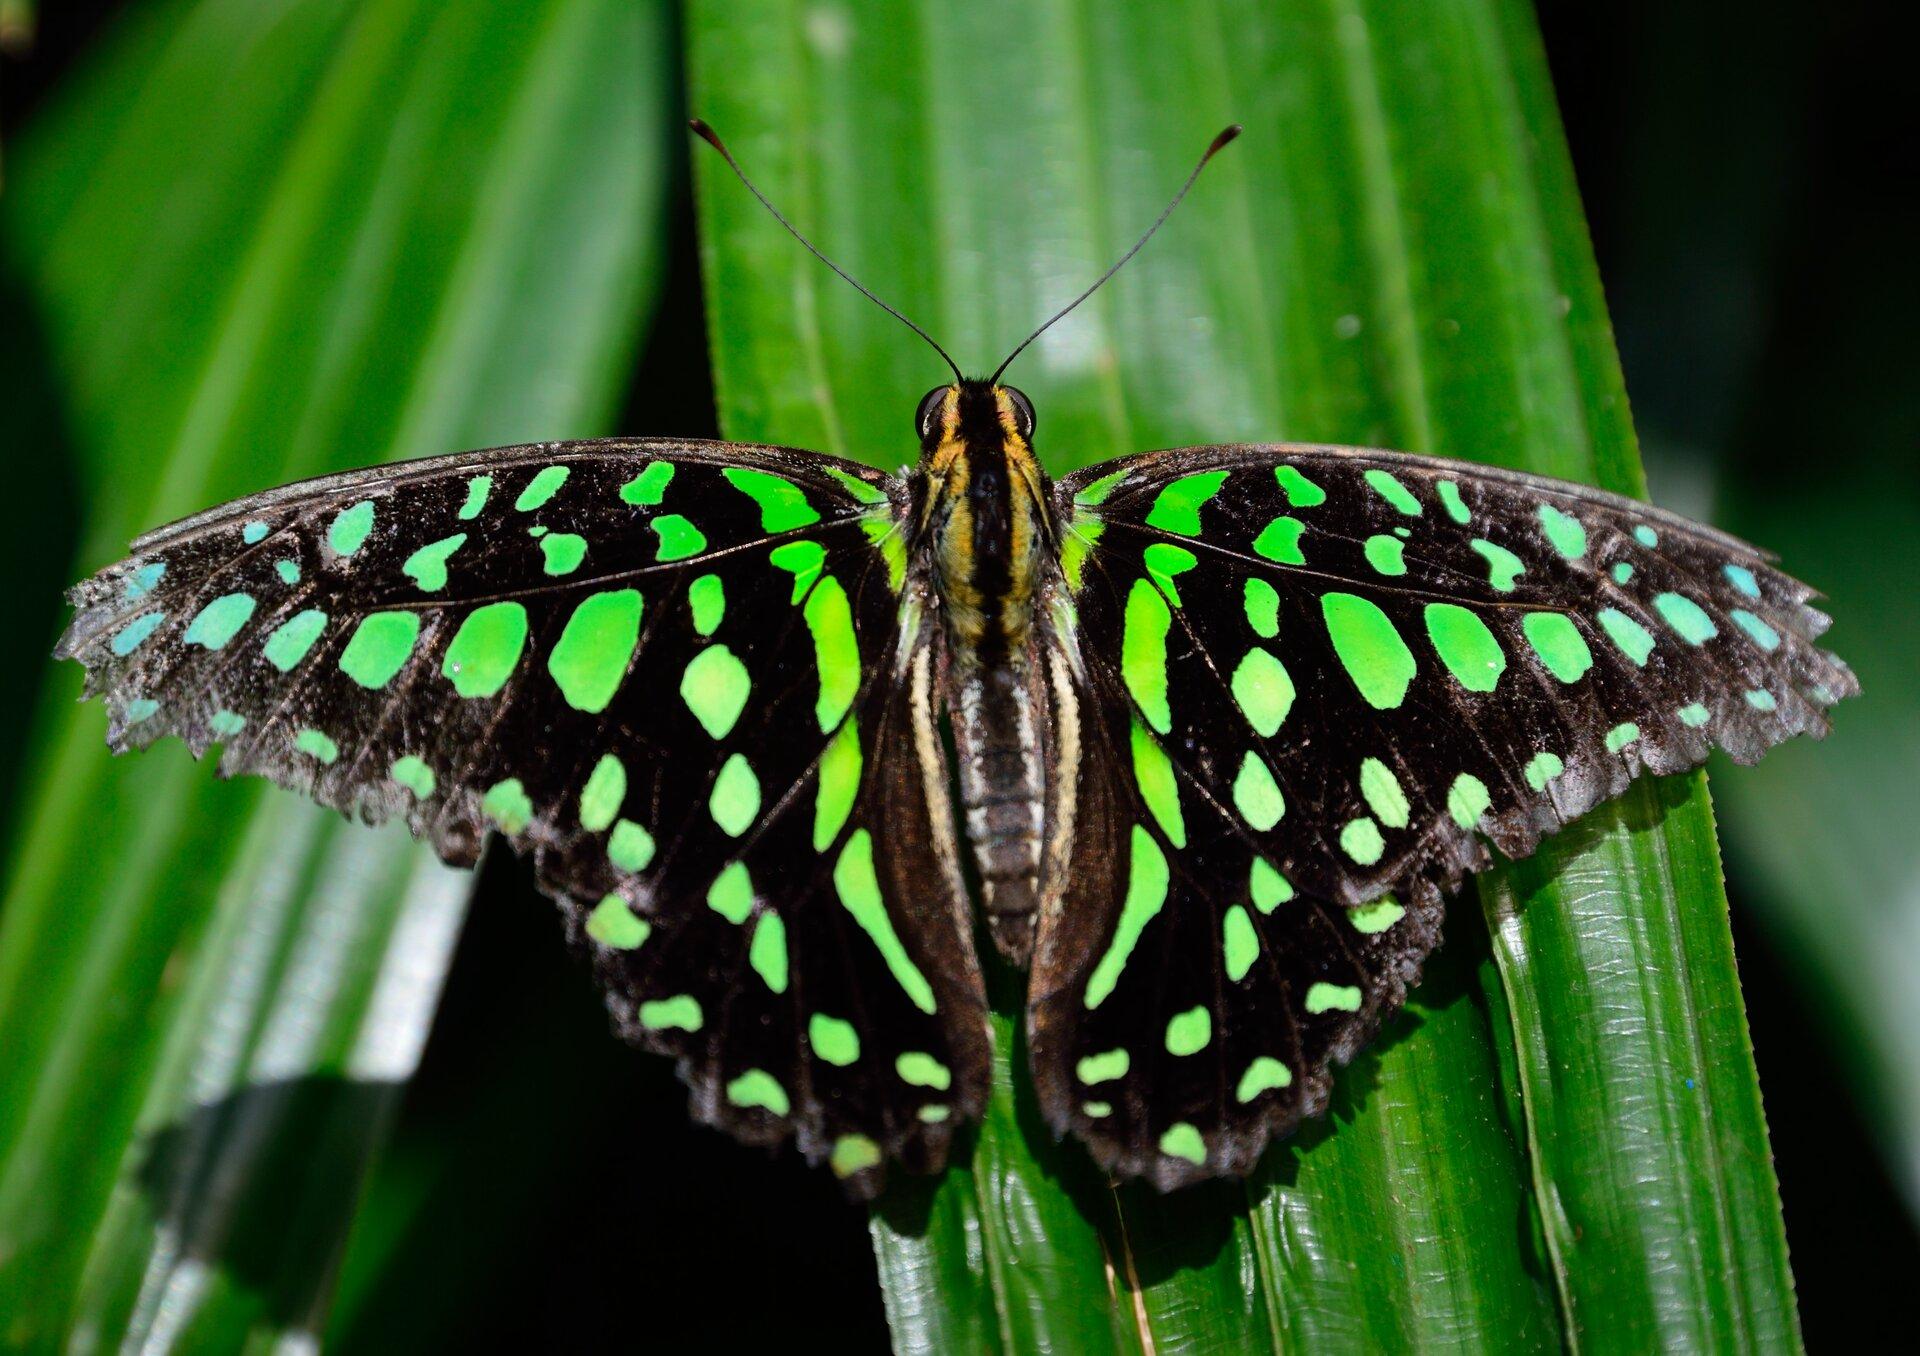 Fotografia pierwsza prezentuje motyla oczarnych skrzydłach zzielonymi plamkami, siedzącego na liściu. Motyl siedzi zrozłożonymi skrzydłami. Głowa znajduje się ugóry zdjęcia. Na niej widoczne duże oczy oraz długie czułki.